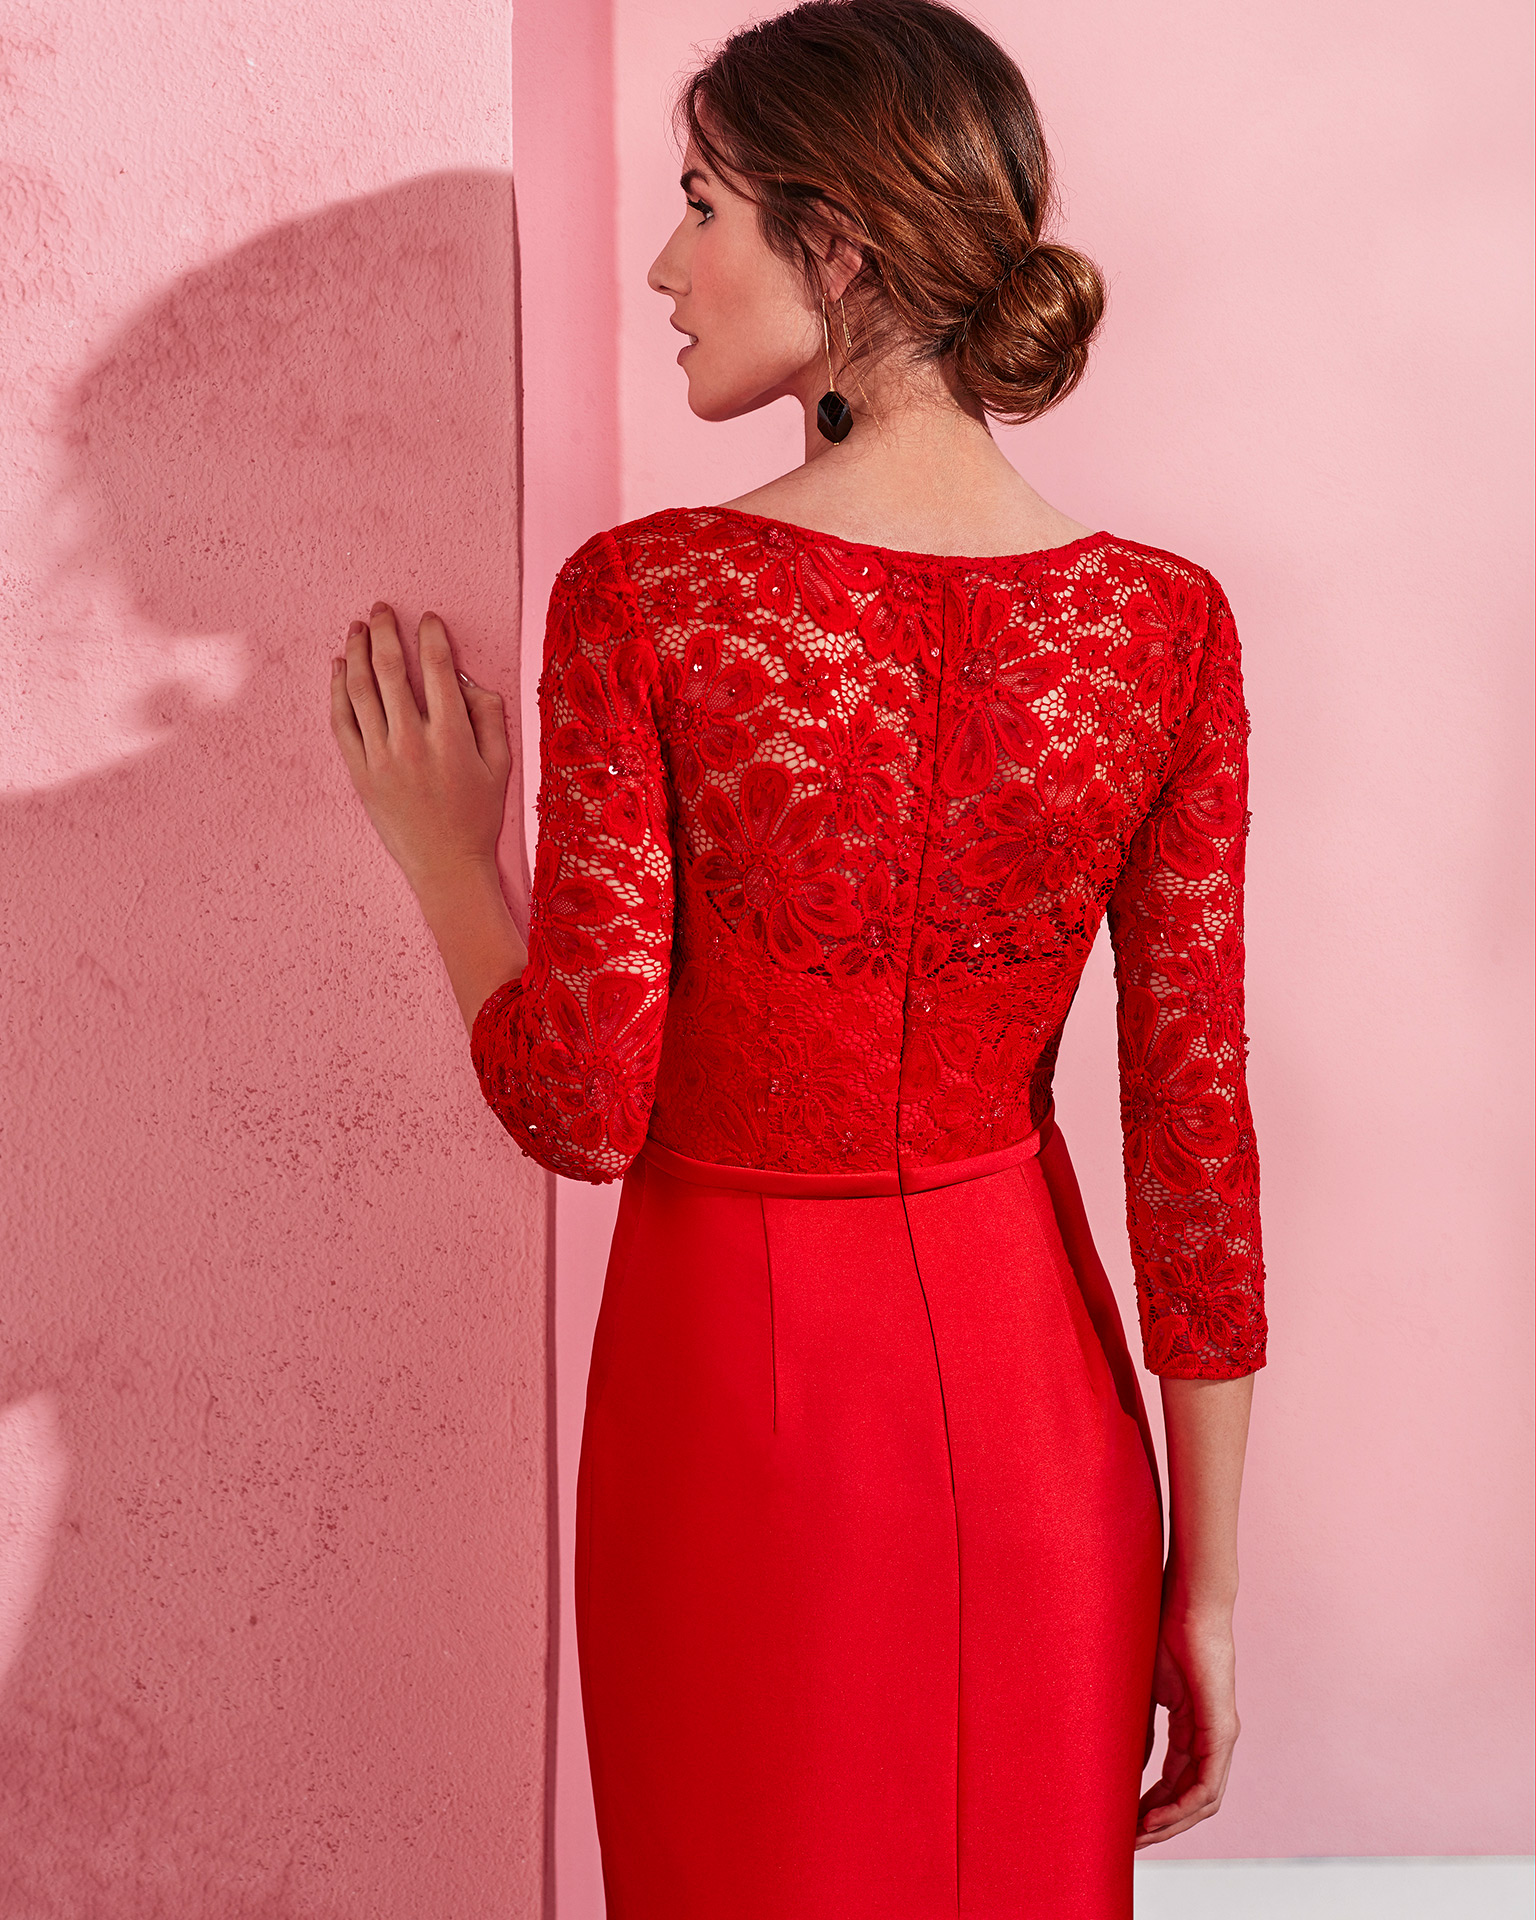 Excepcional Vestido De Fiesta Rojo Con Encaje Colección de Imágenes ...